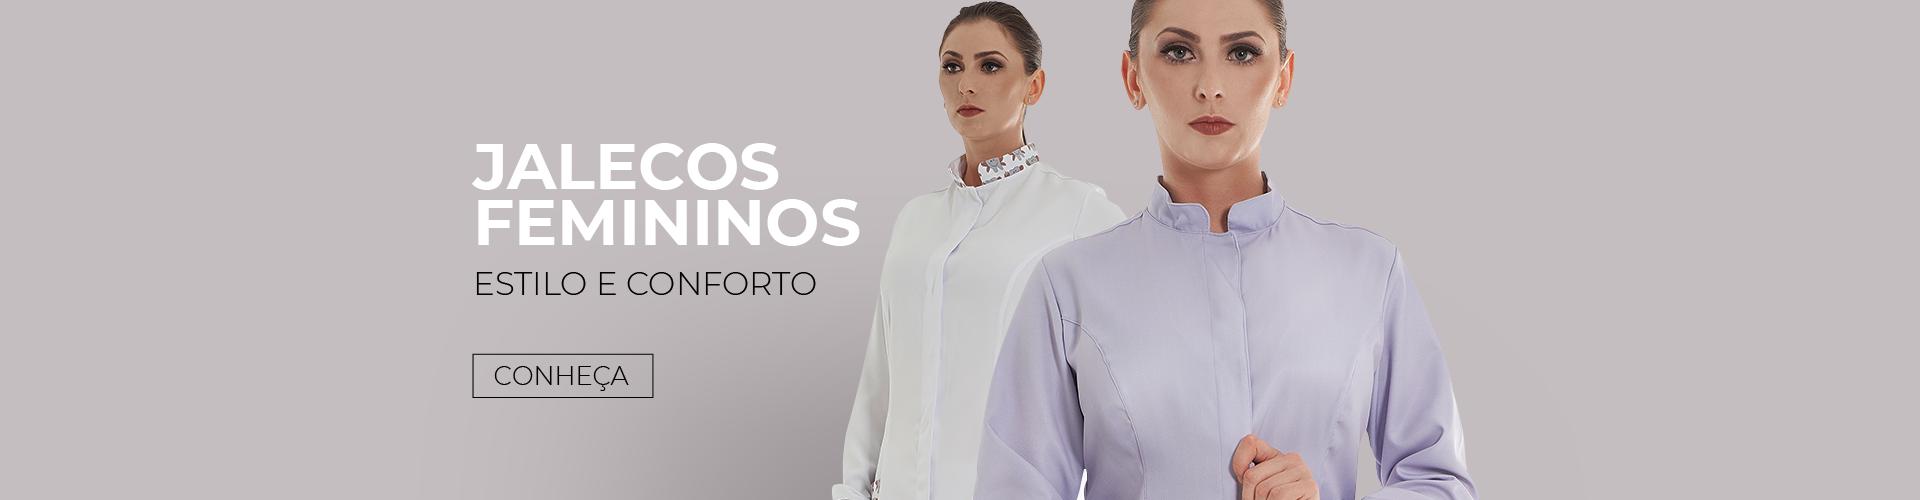 Jalecos Femininos - Banner inicial